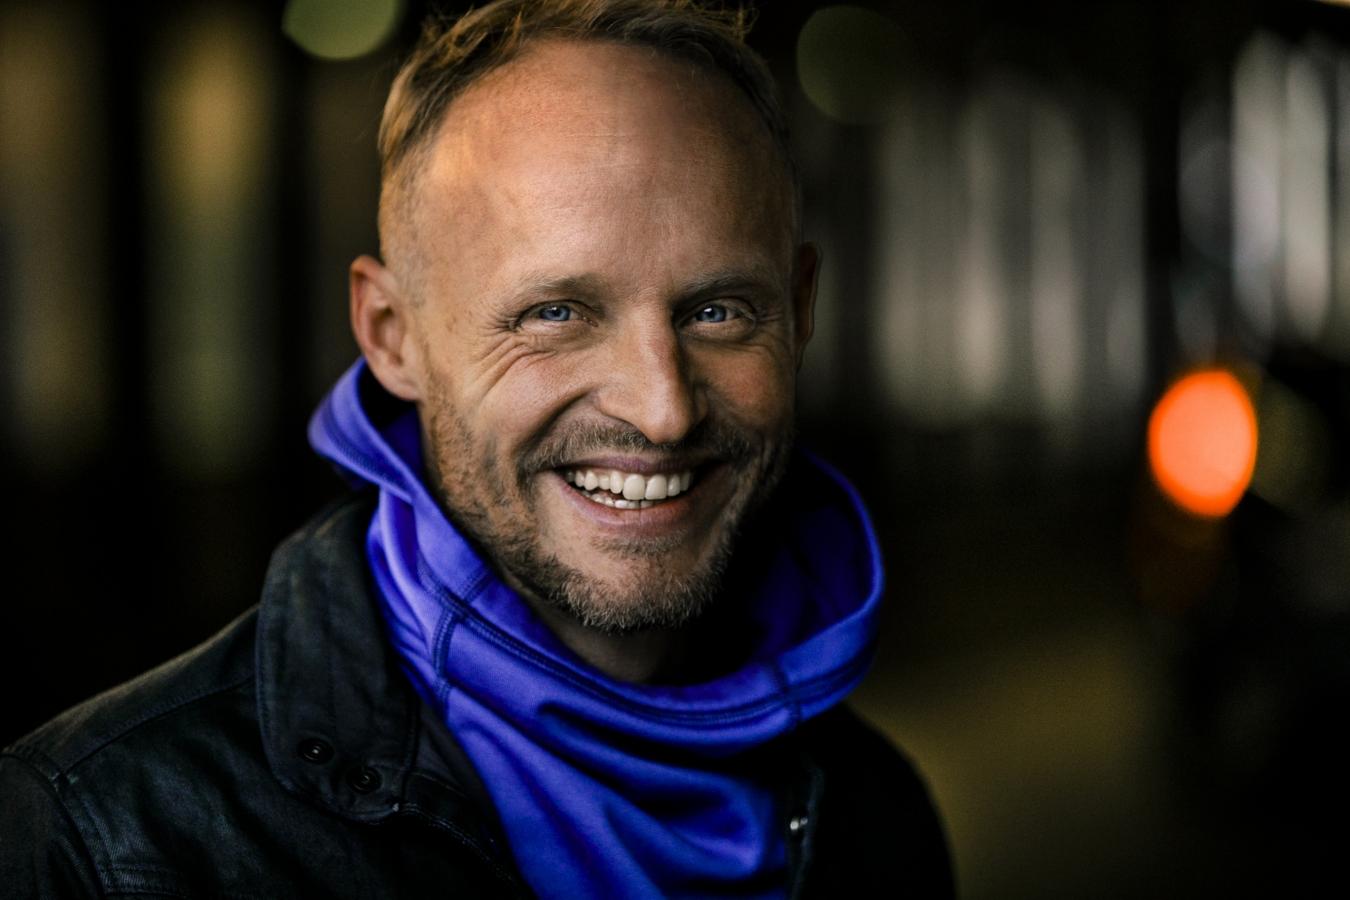 Florian Brückner im Portrait, lächelnd.